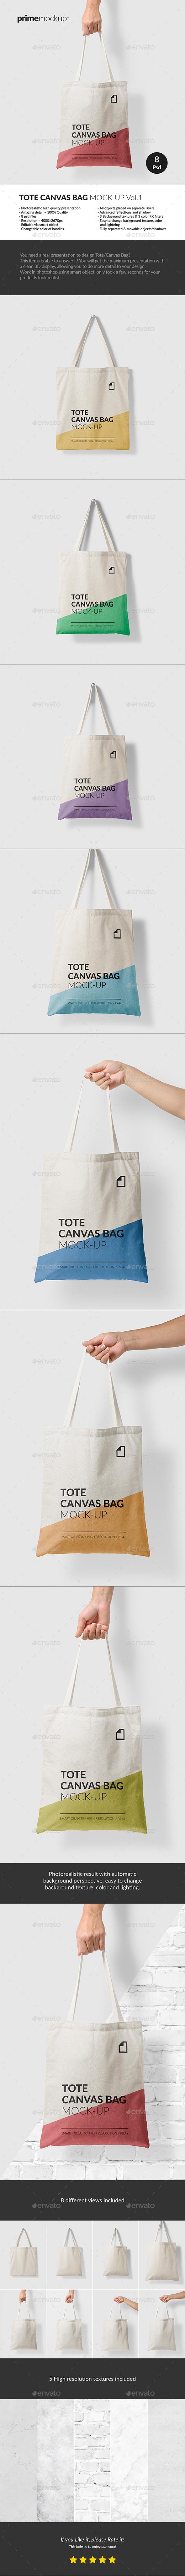 Canvas Tote Bag Mock-Up Vol.1 - Miscellaneous Apparel